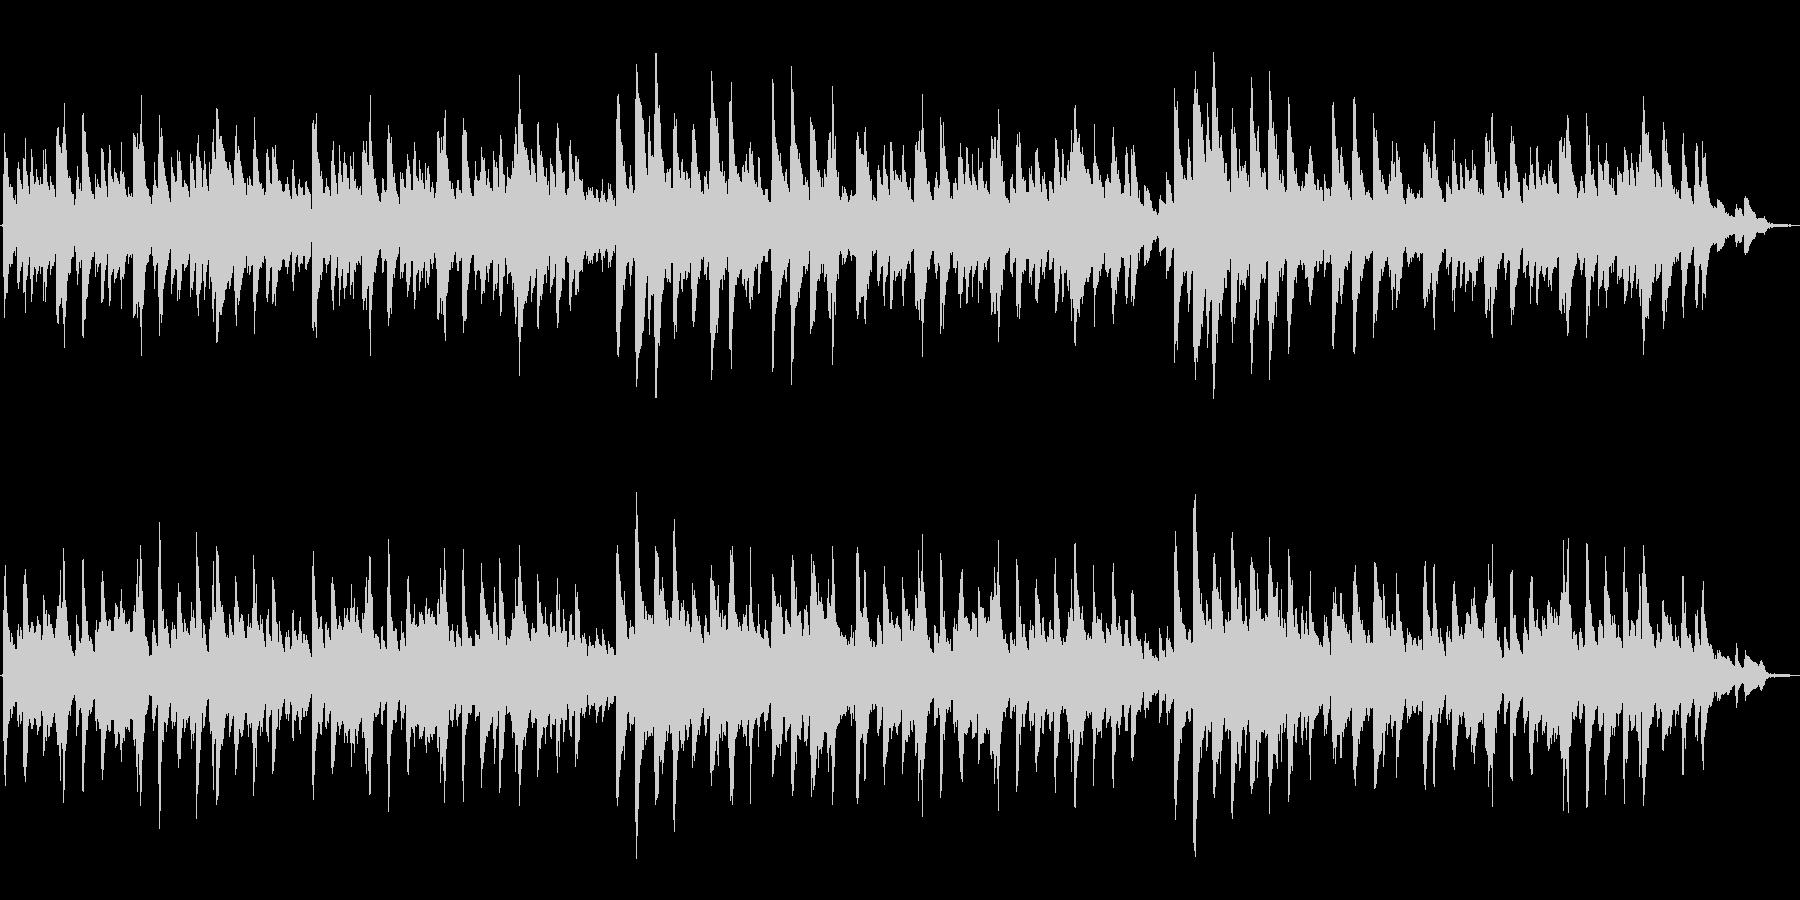 ほのぼのイメージのシューマンのピアノ演奏の未再生の波形